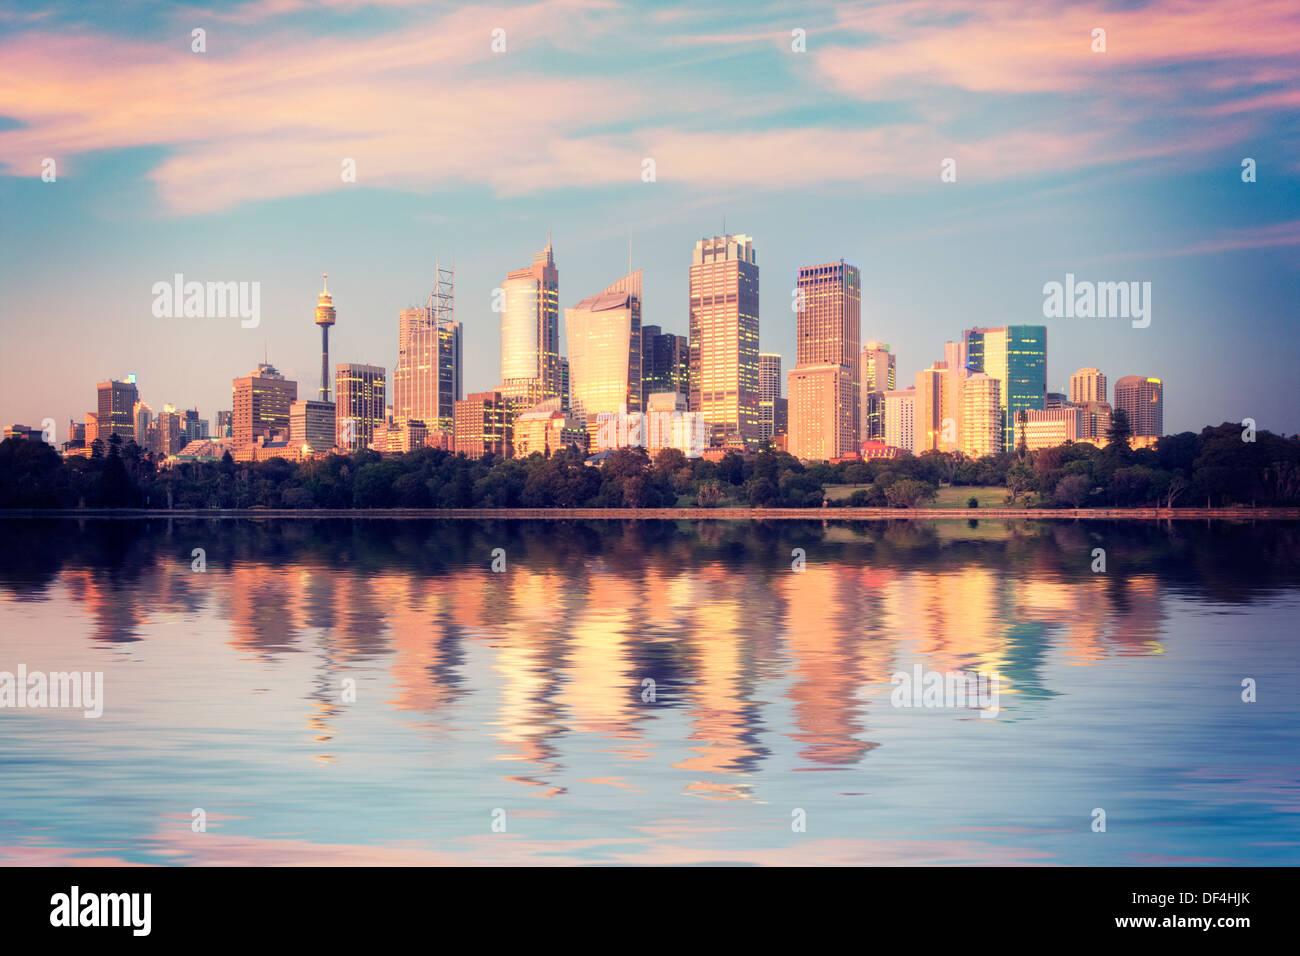 Skyline di Sydney da Mrs Macquarie's punto all'alba, i primi raggi del sole sono illuminando i grattacieli Immagini Stock